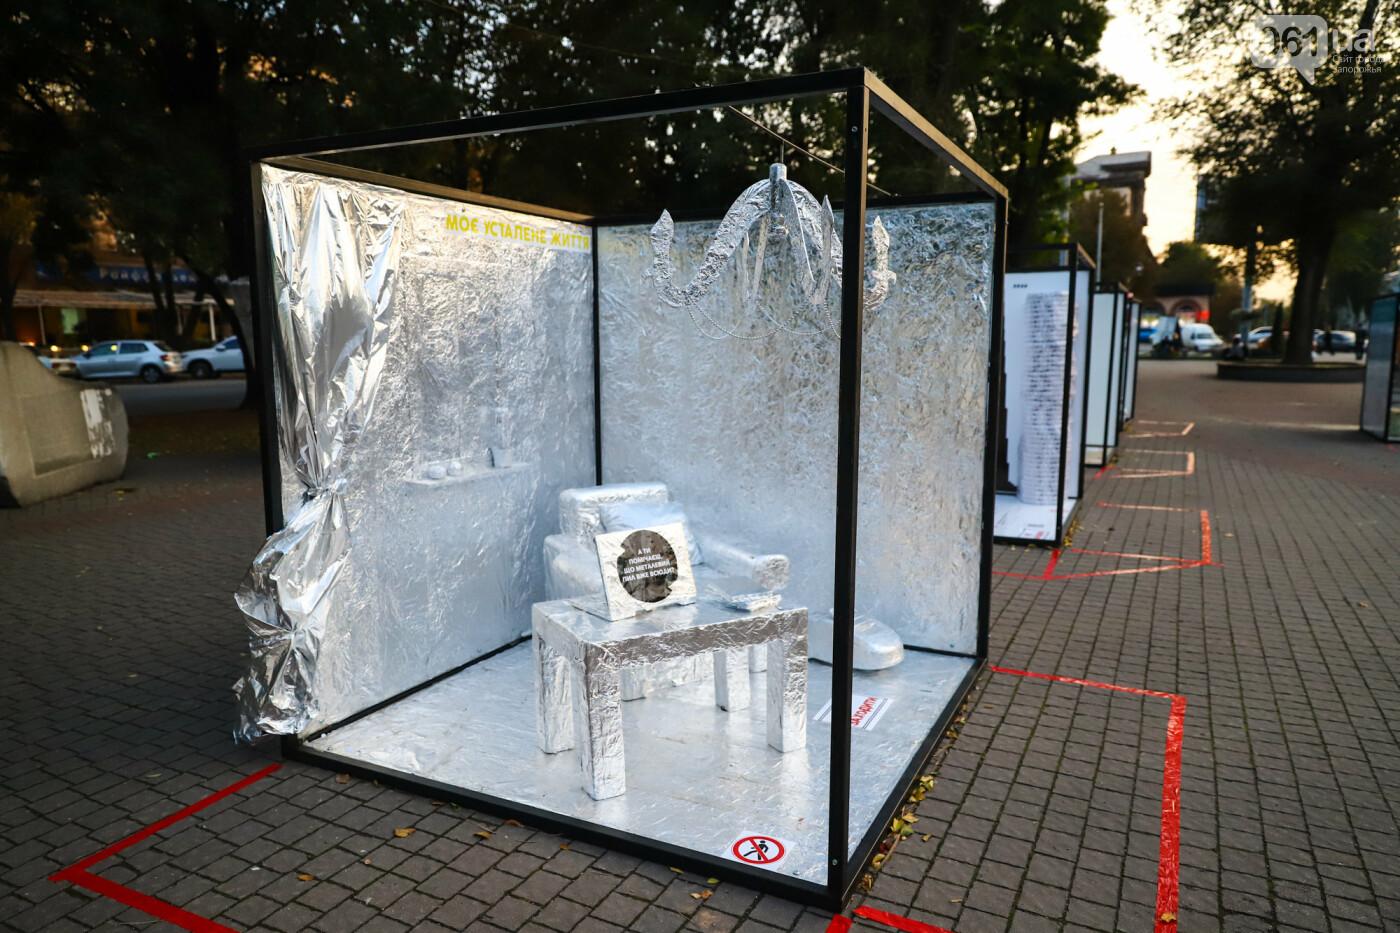 Огромная стиральная машина и комната из фольги: в центре Запорожья открылась эко-выставка, - ФОТОРЕПОРТАЖ , фото-6